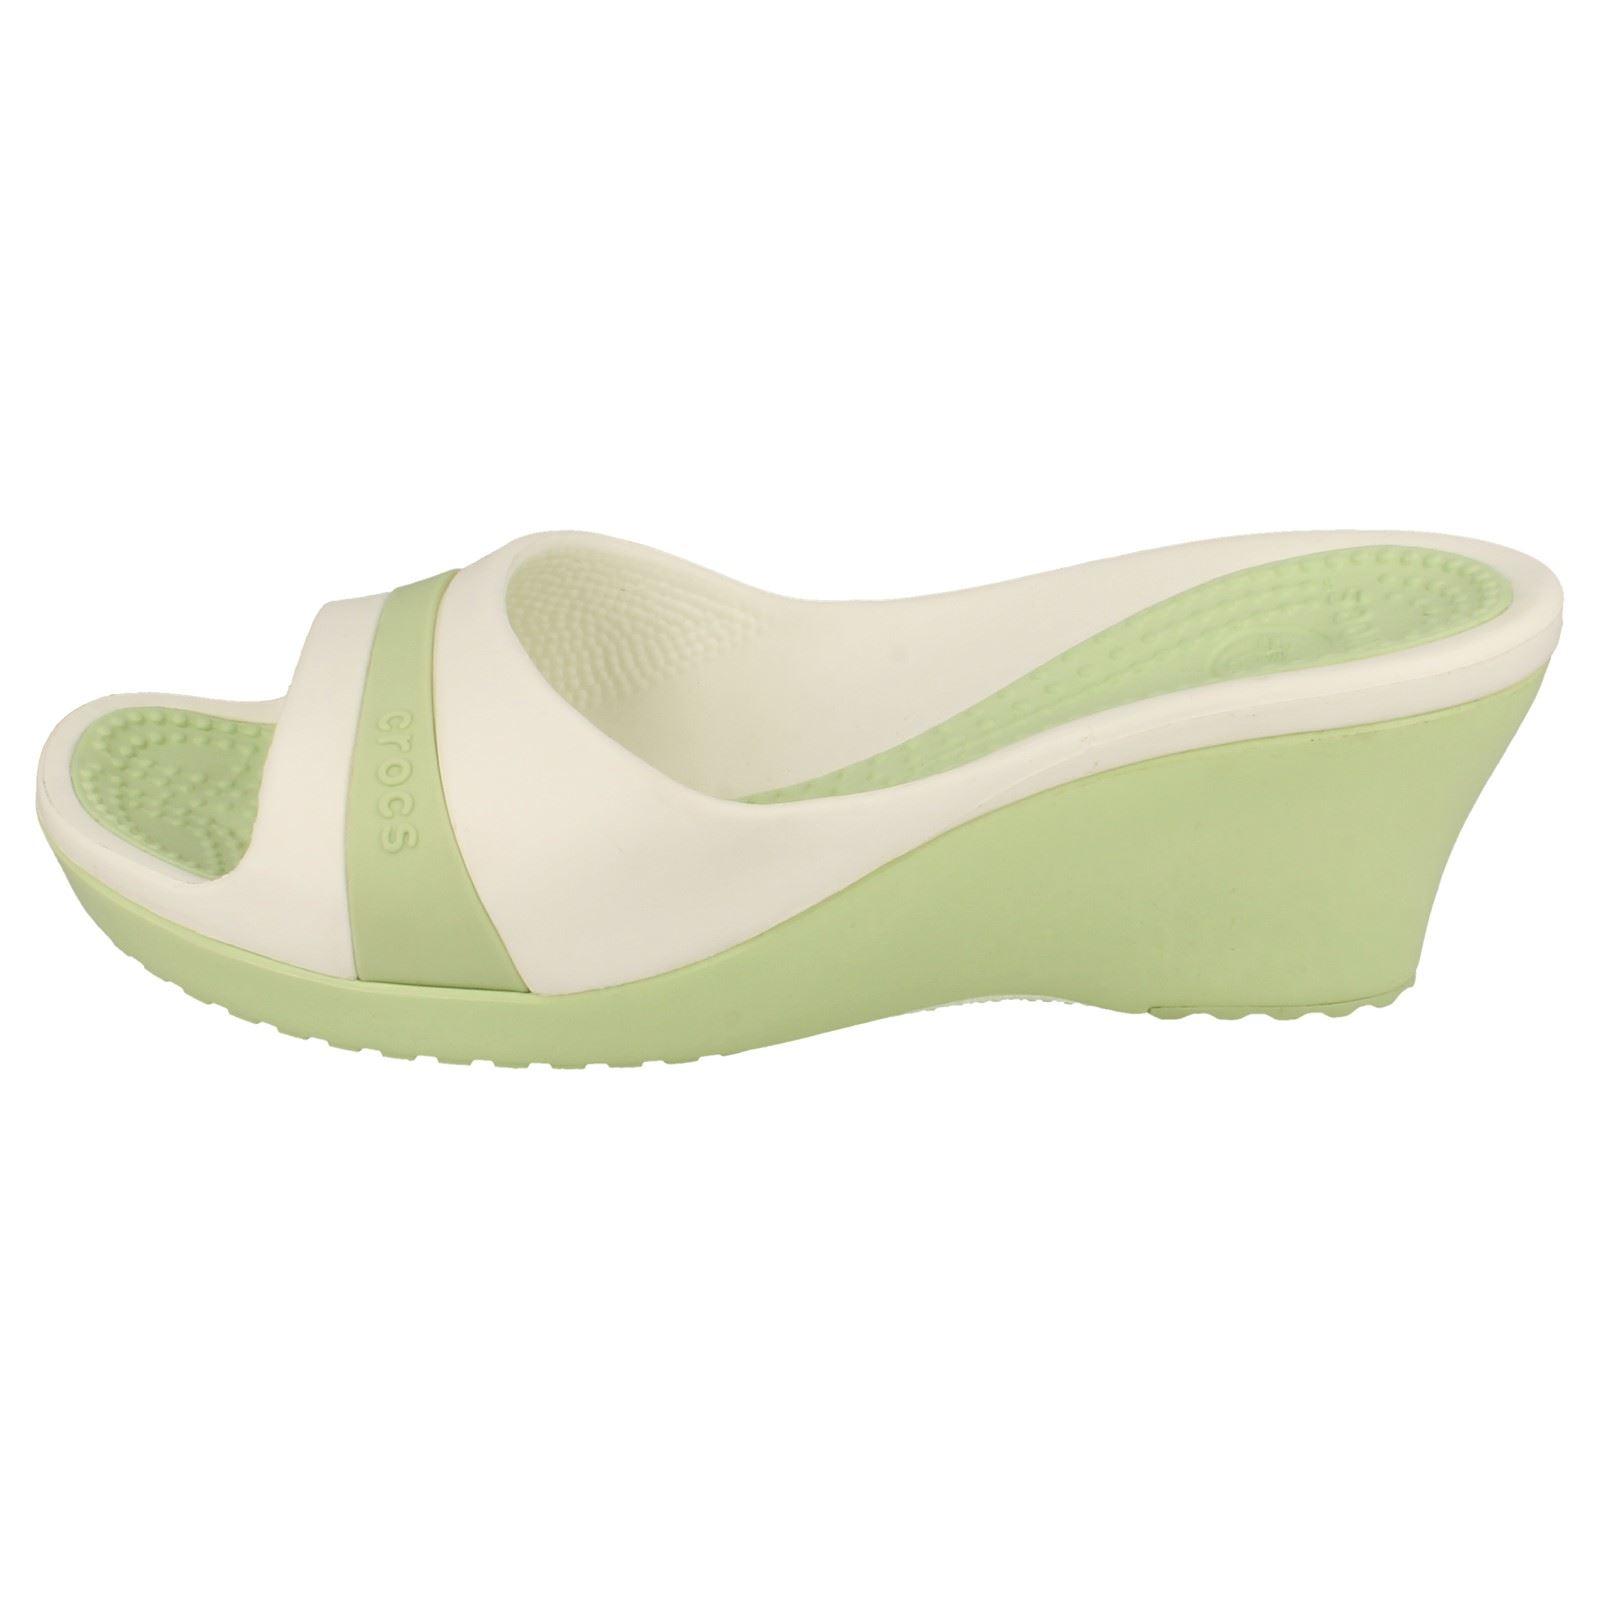 Crocs Sassari Sandals Shoes Black